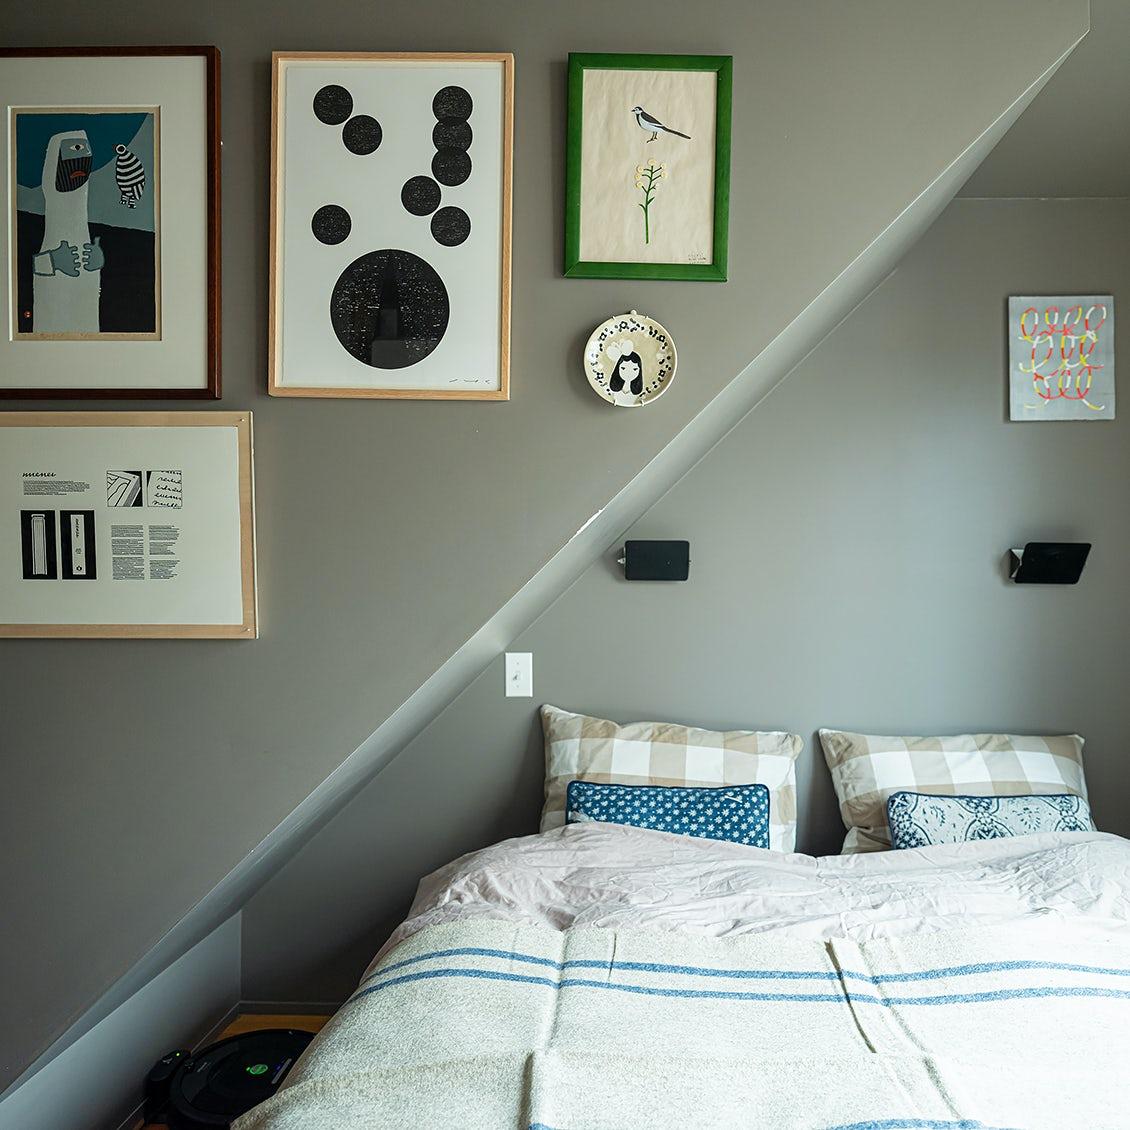 【商店街の小さな家】第3話:天井が低くても、狭くても。制約は、暮らしやすさに変えられる?